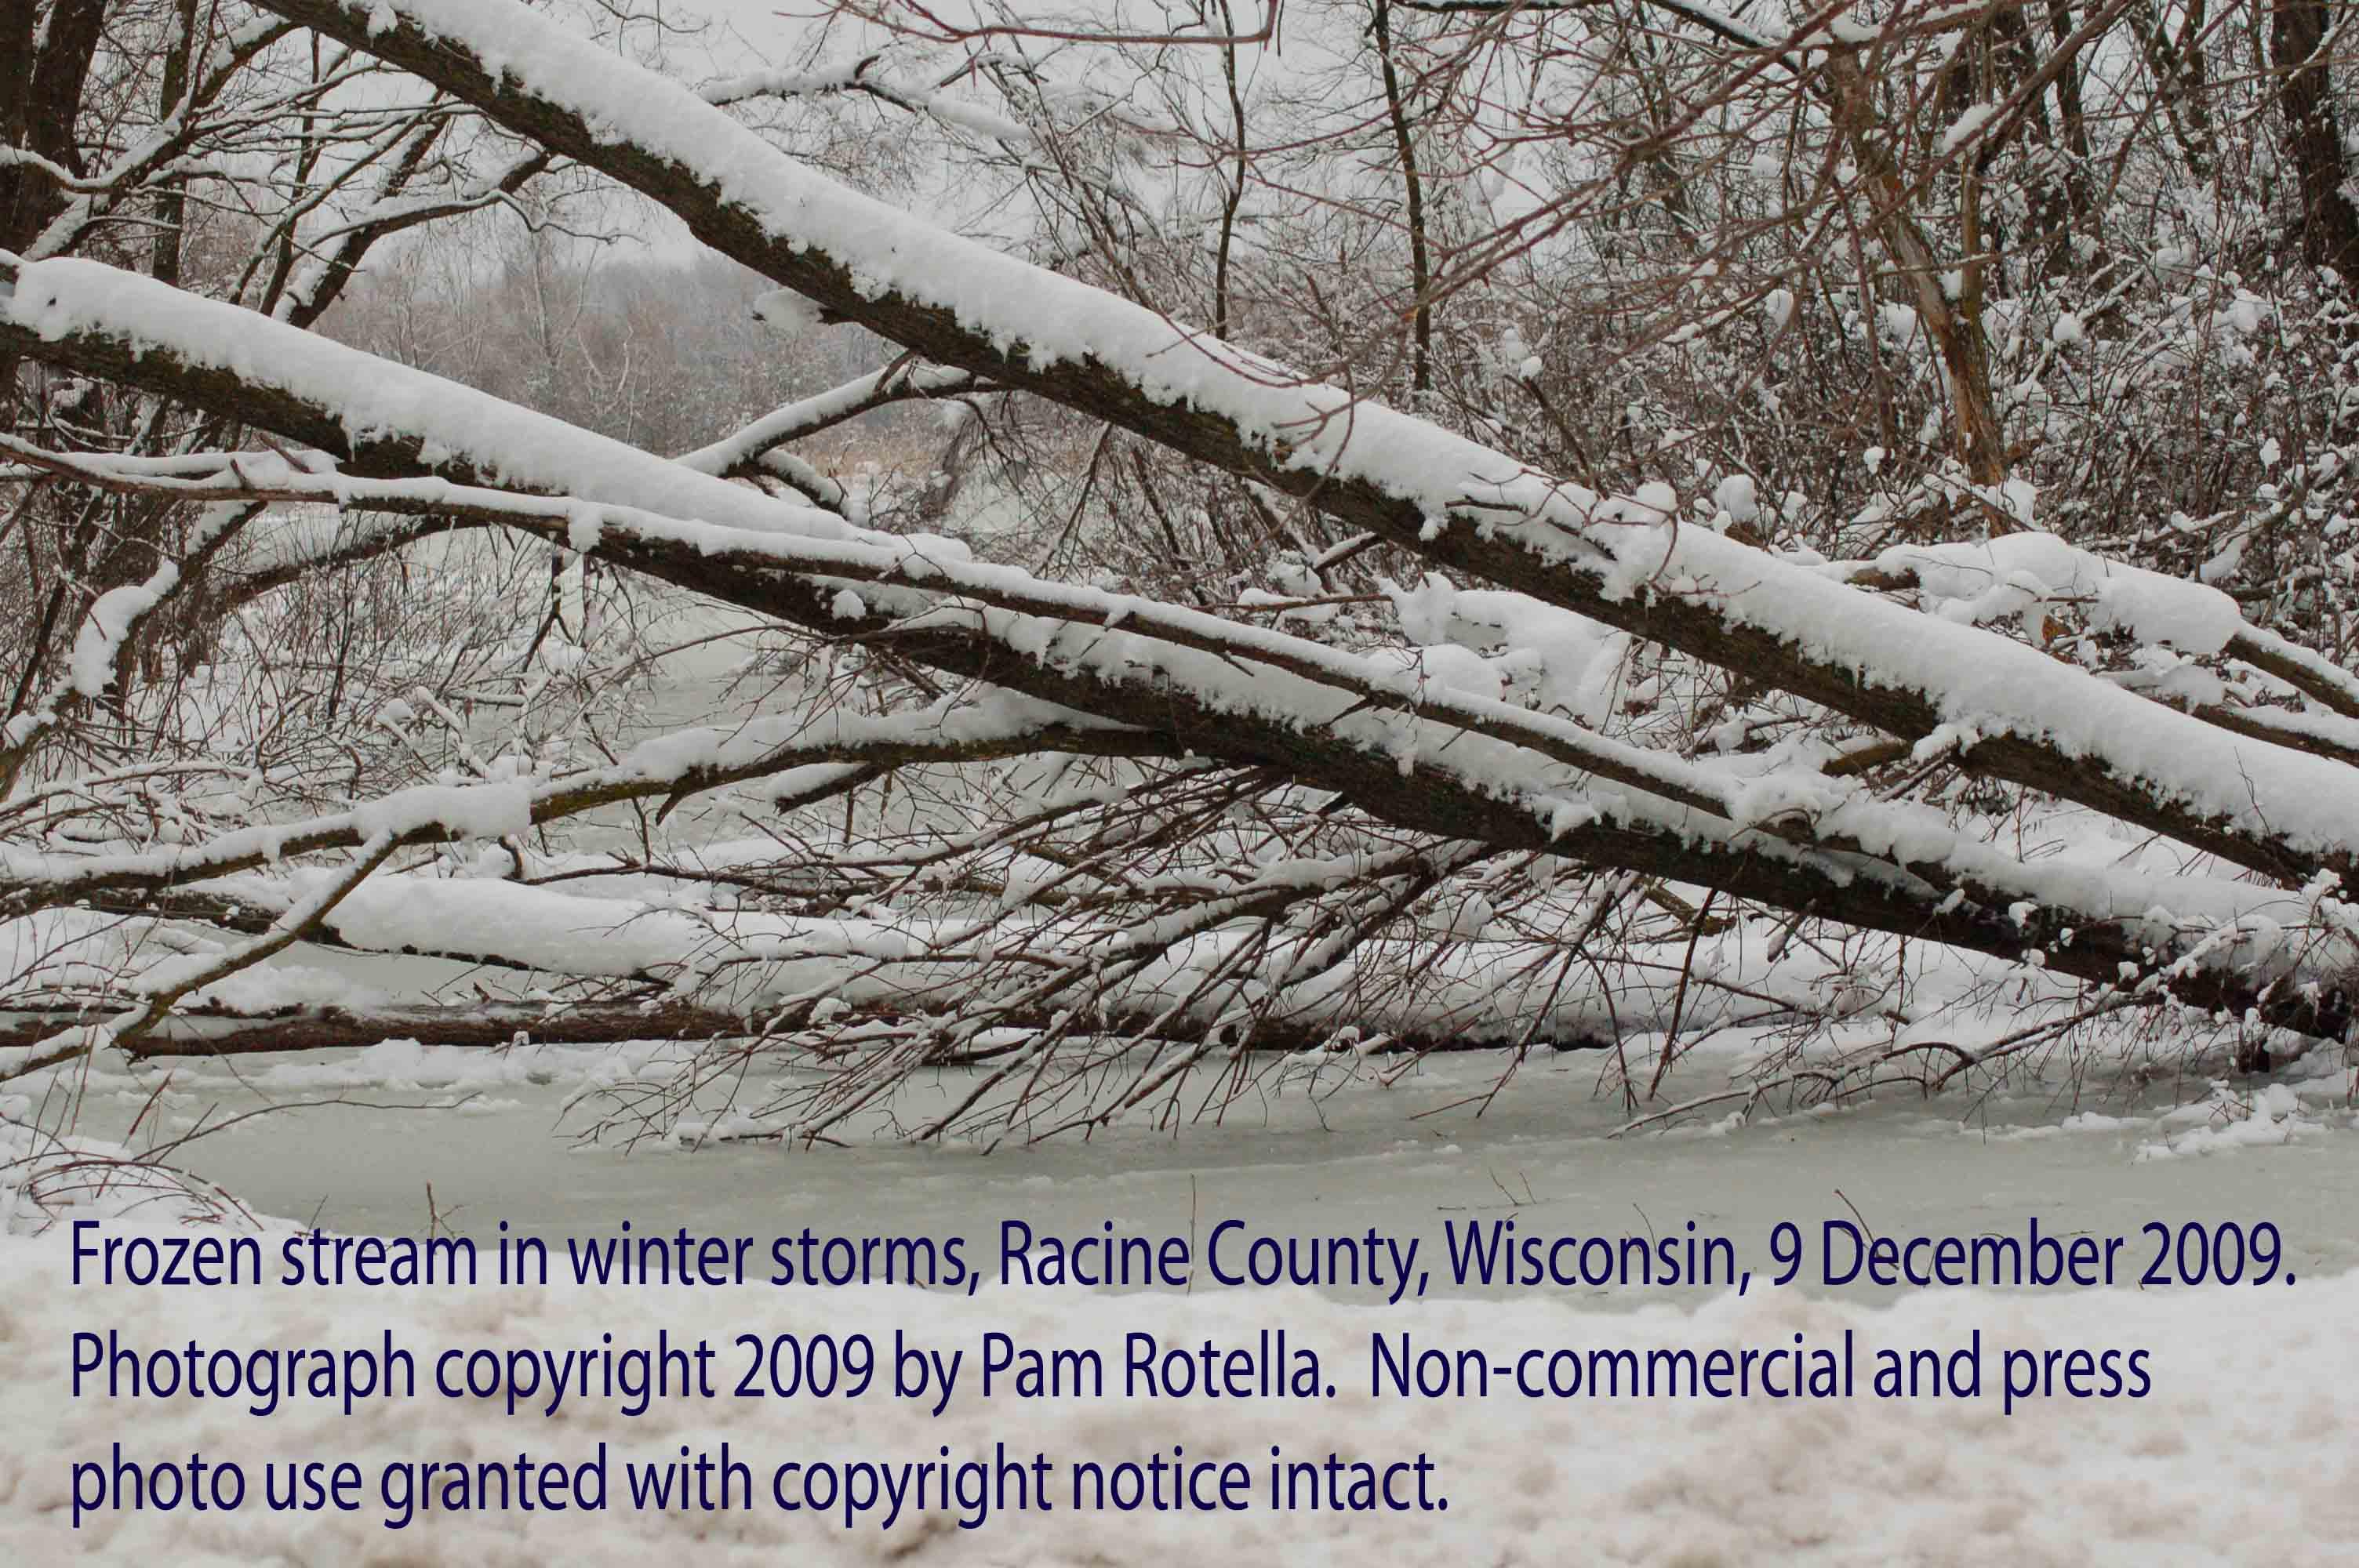 Winter storms, frozen stream, Racine County, WI, 9 Dec 2009